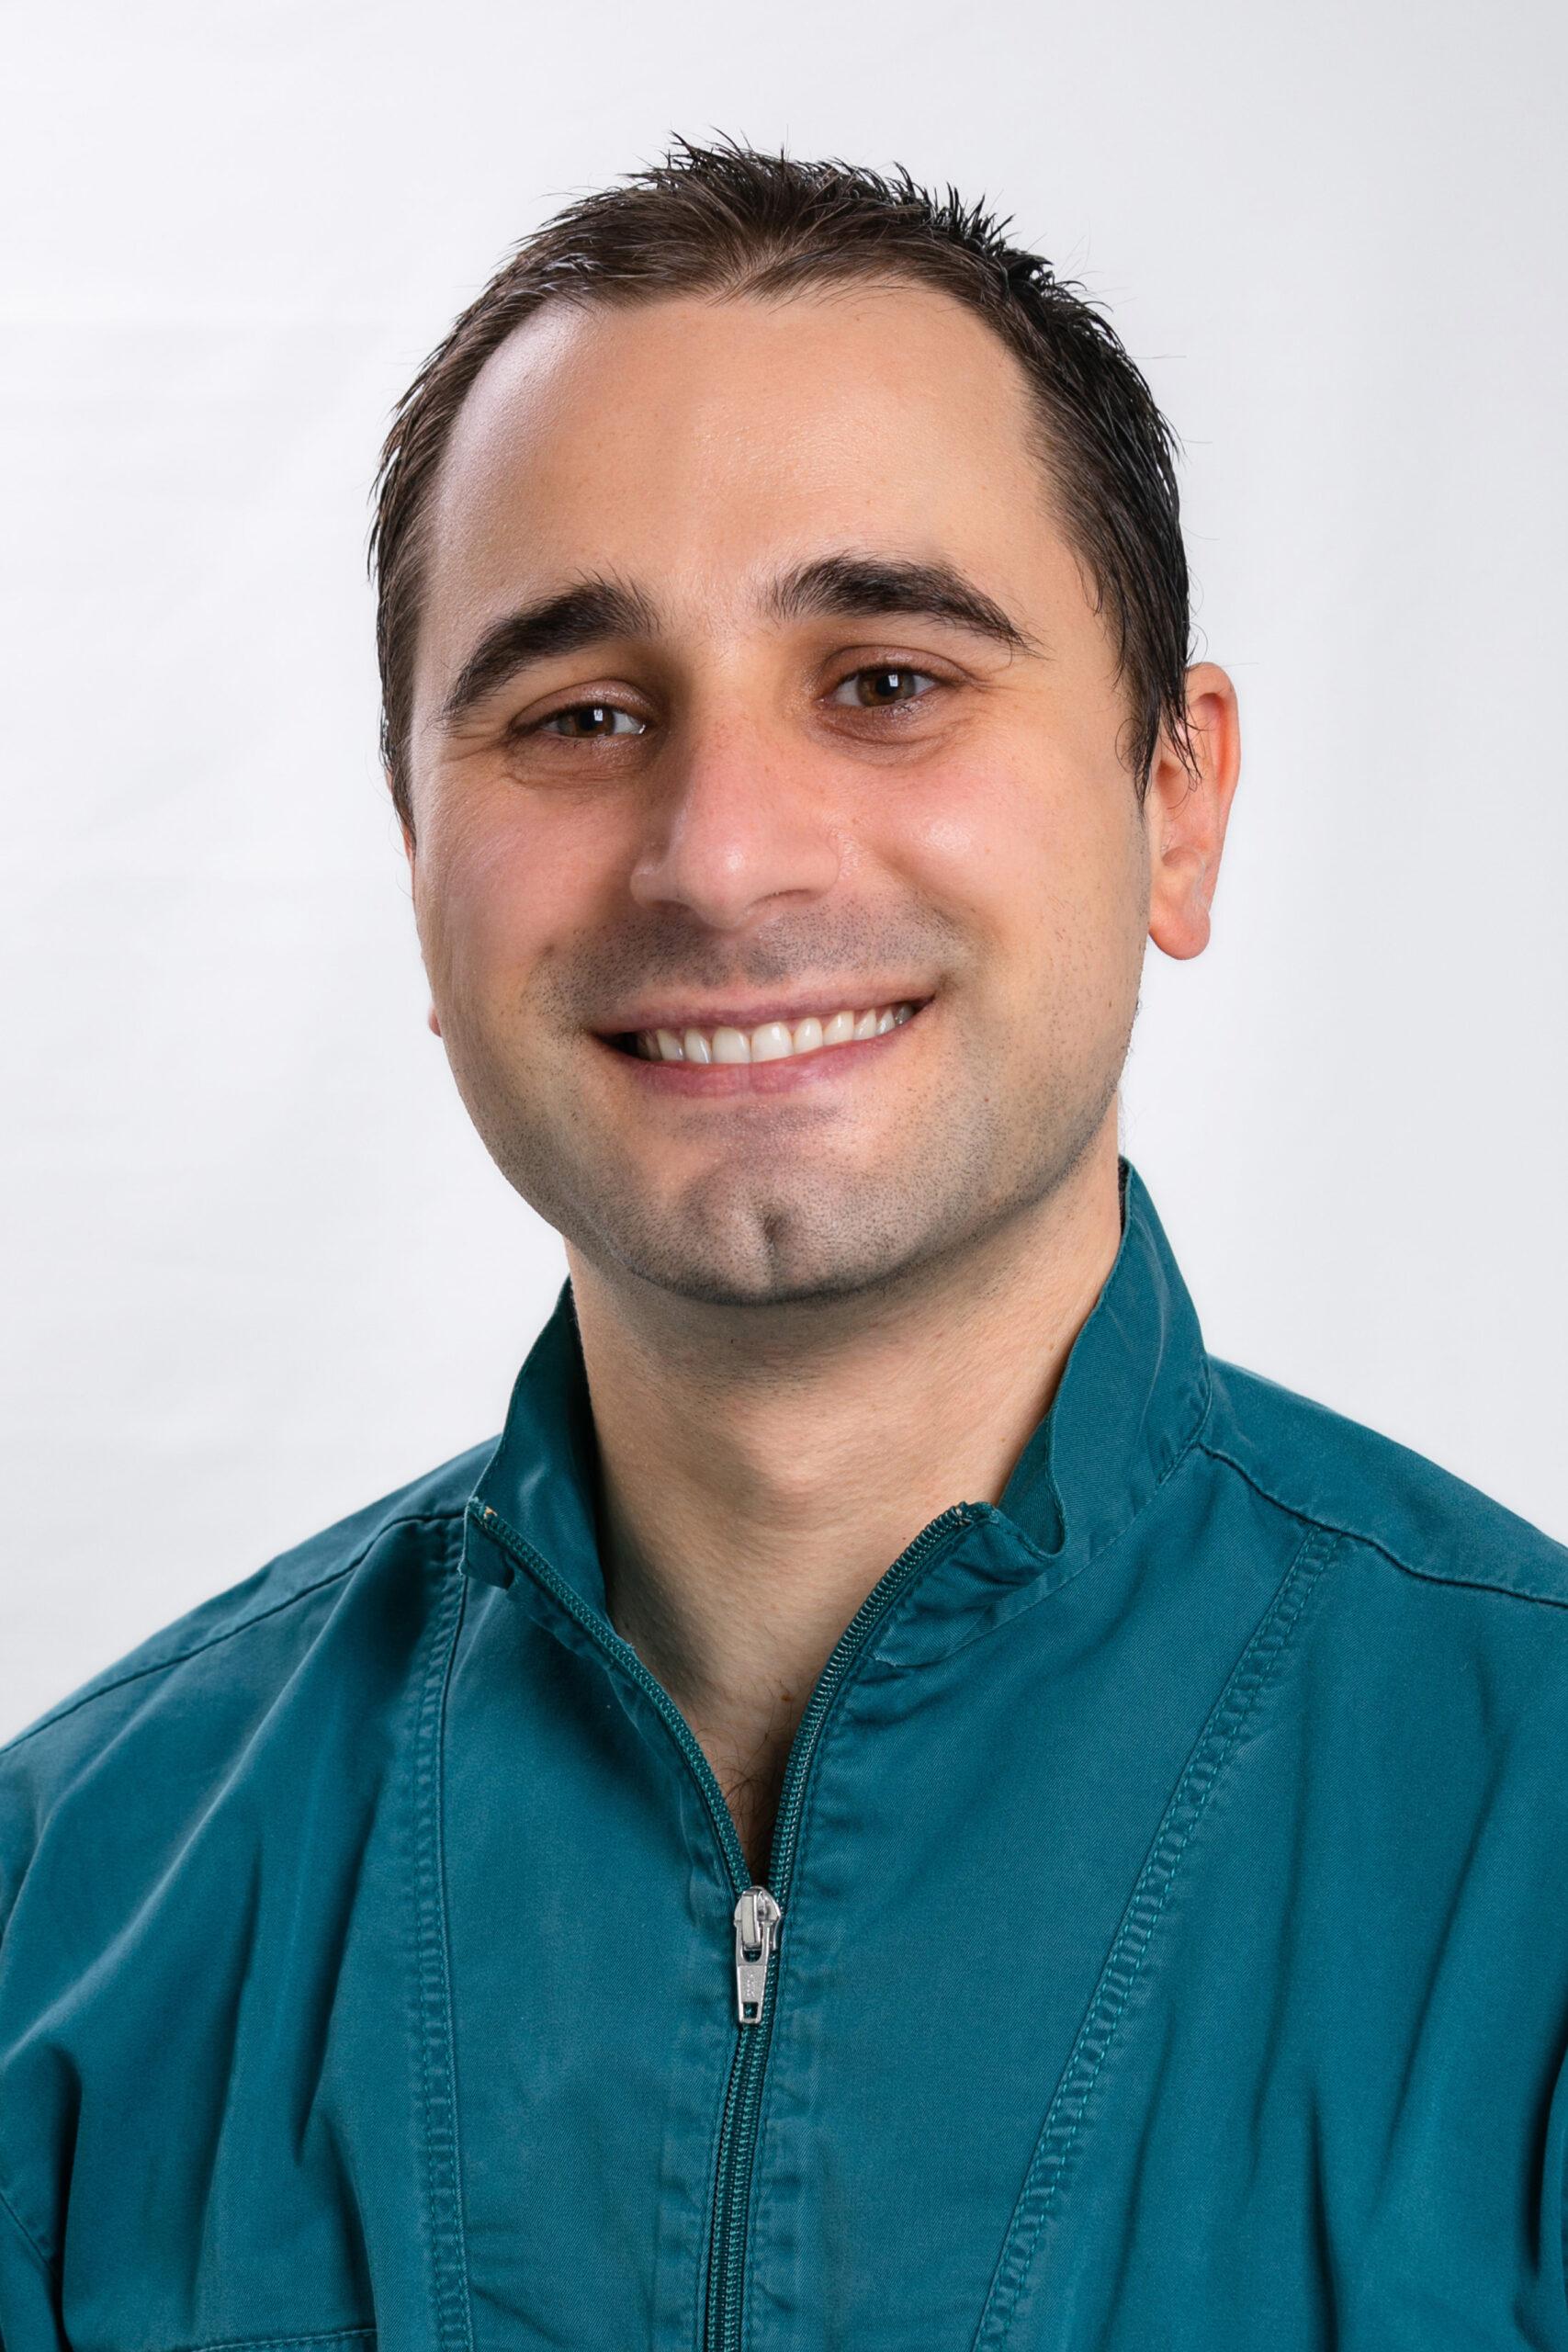 Dott. Carlo Colombo